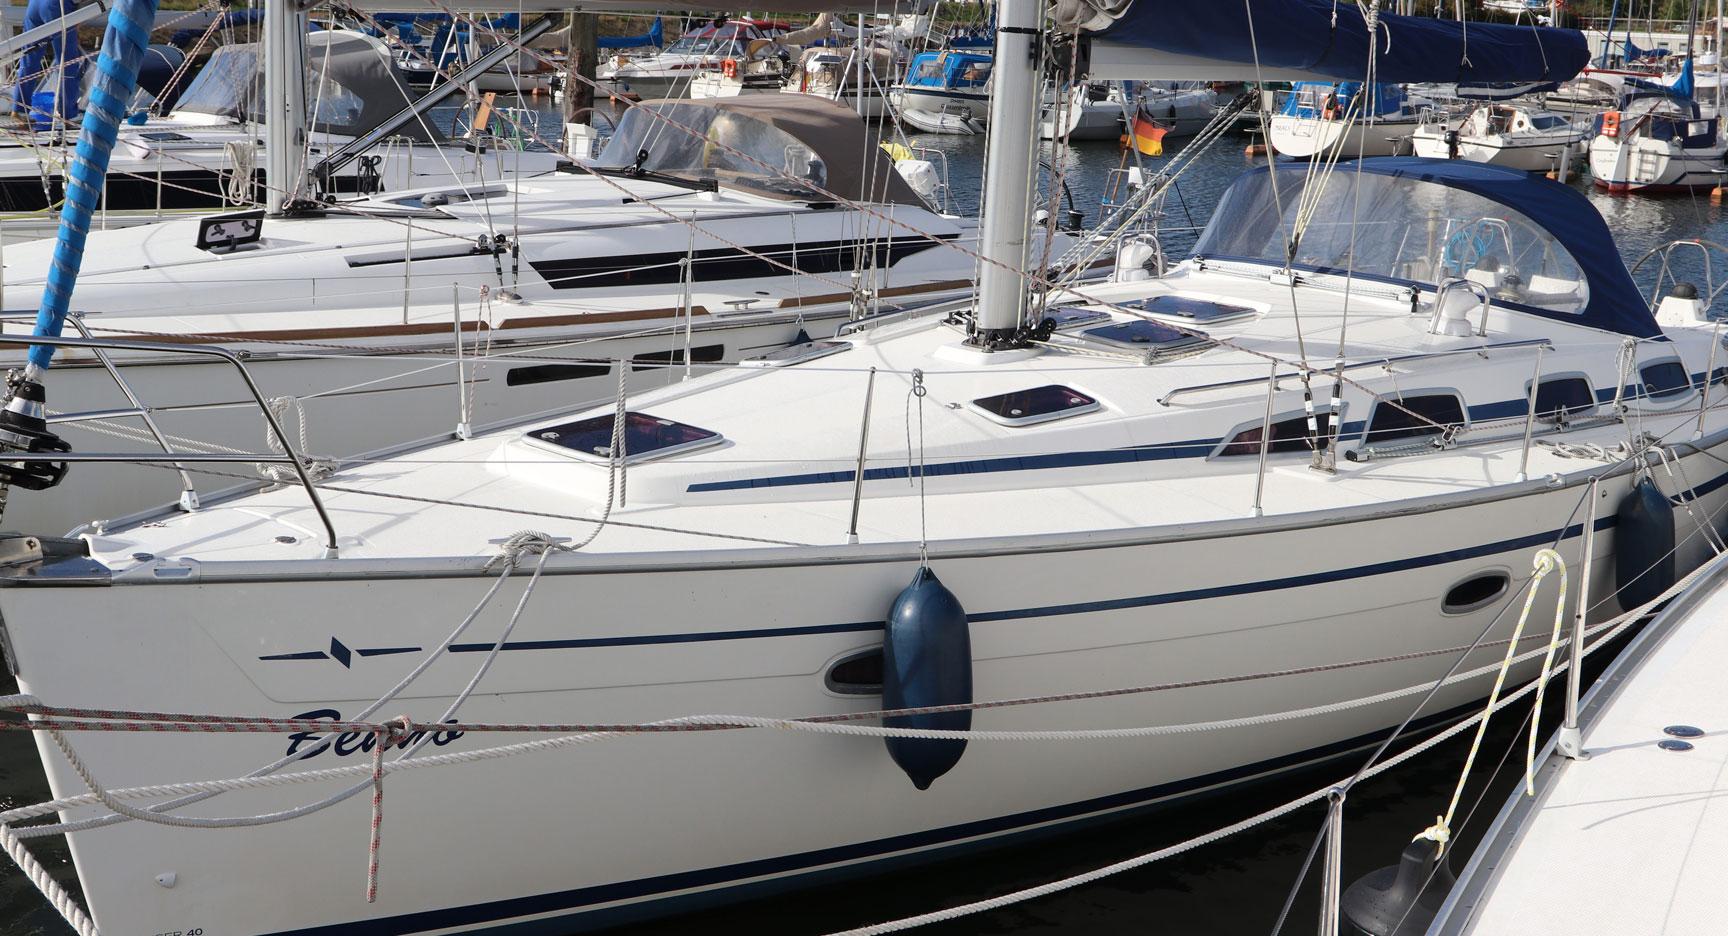 Benno's Backbord Ansicht - vom Bug nach Achtern - eine 40 Bavaria Cruiser